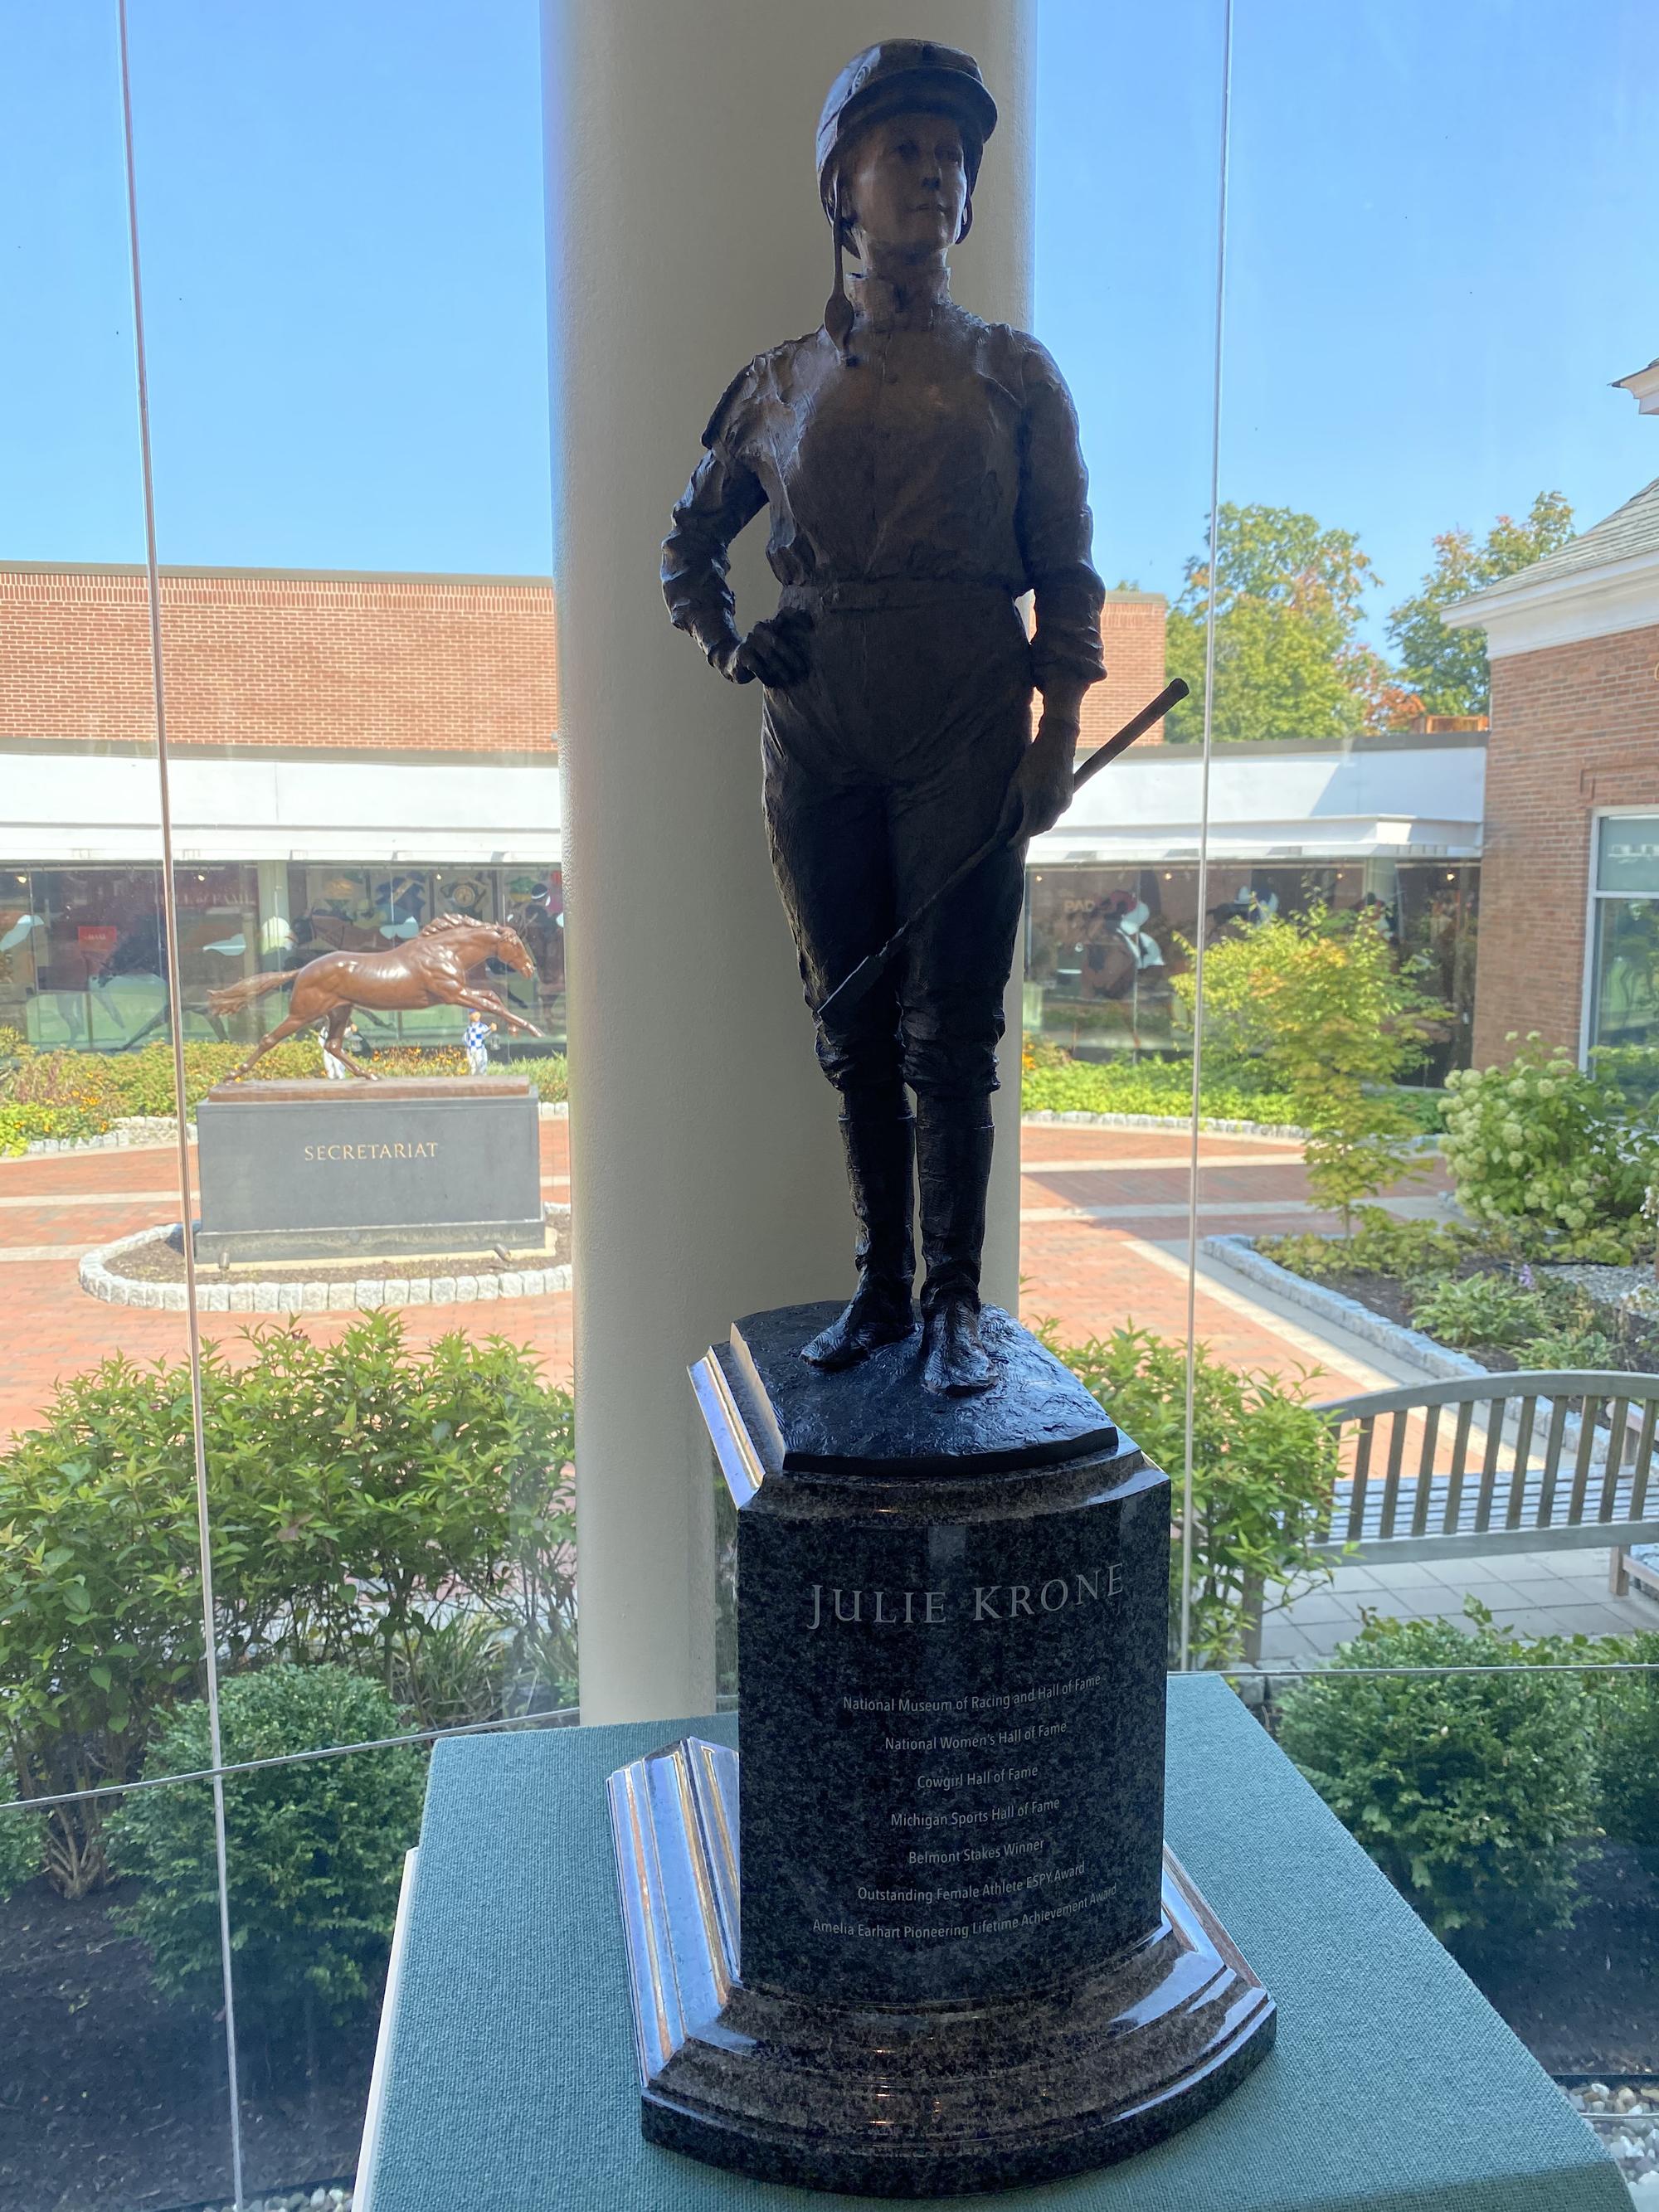 2018.20: Julie Krone by Linda Stinson, Bronze on granite base, Gift: Julie Krone, Michael and Linda Stinson